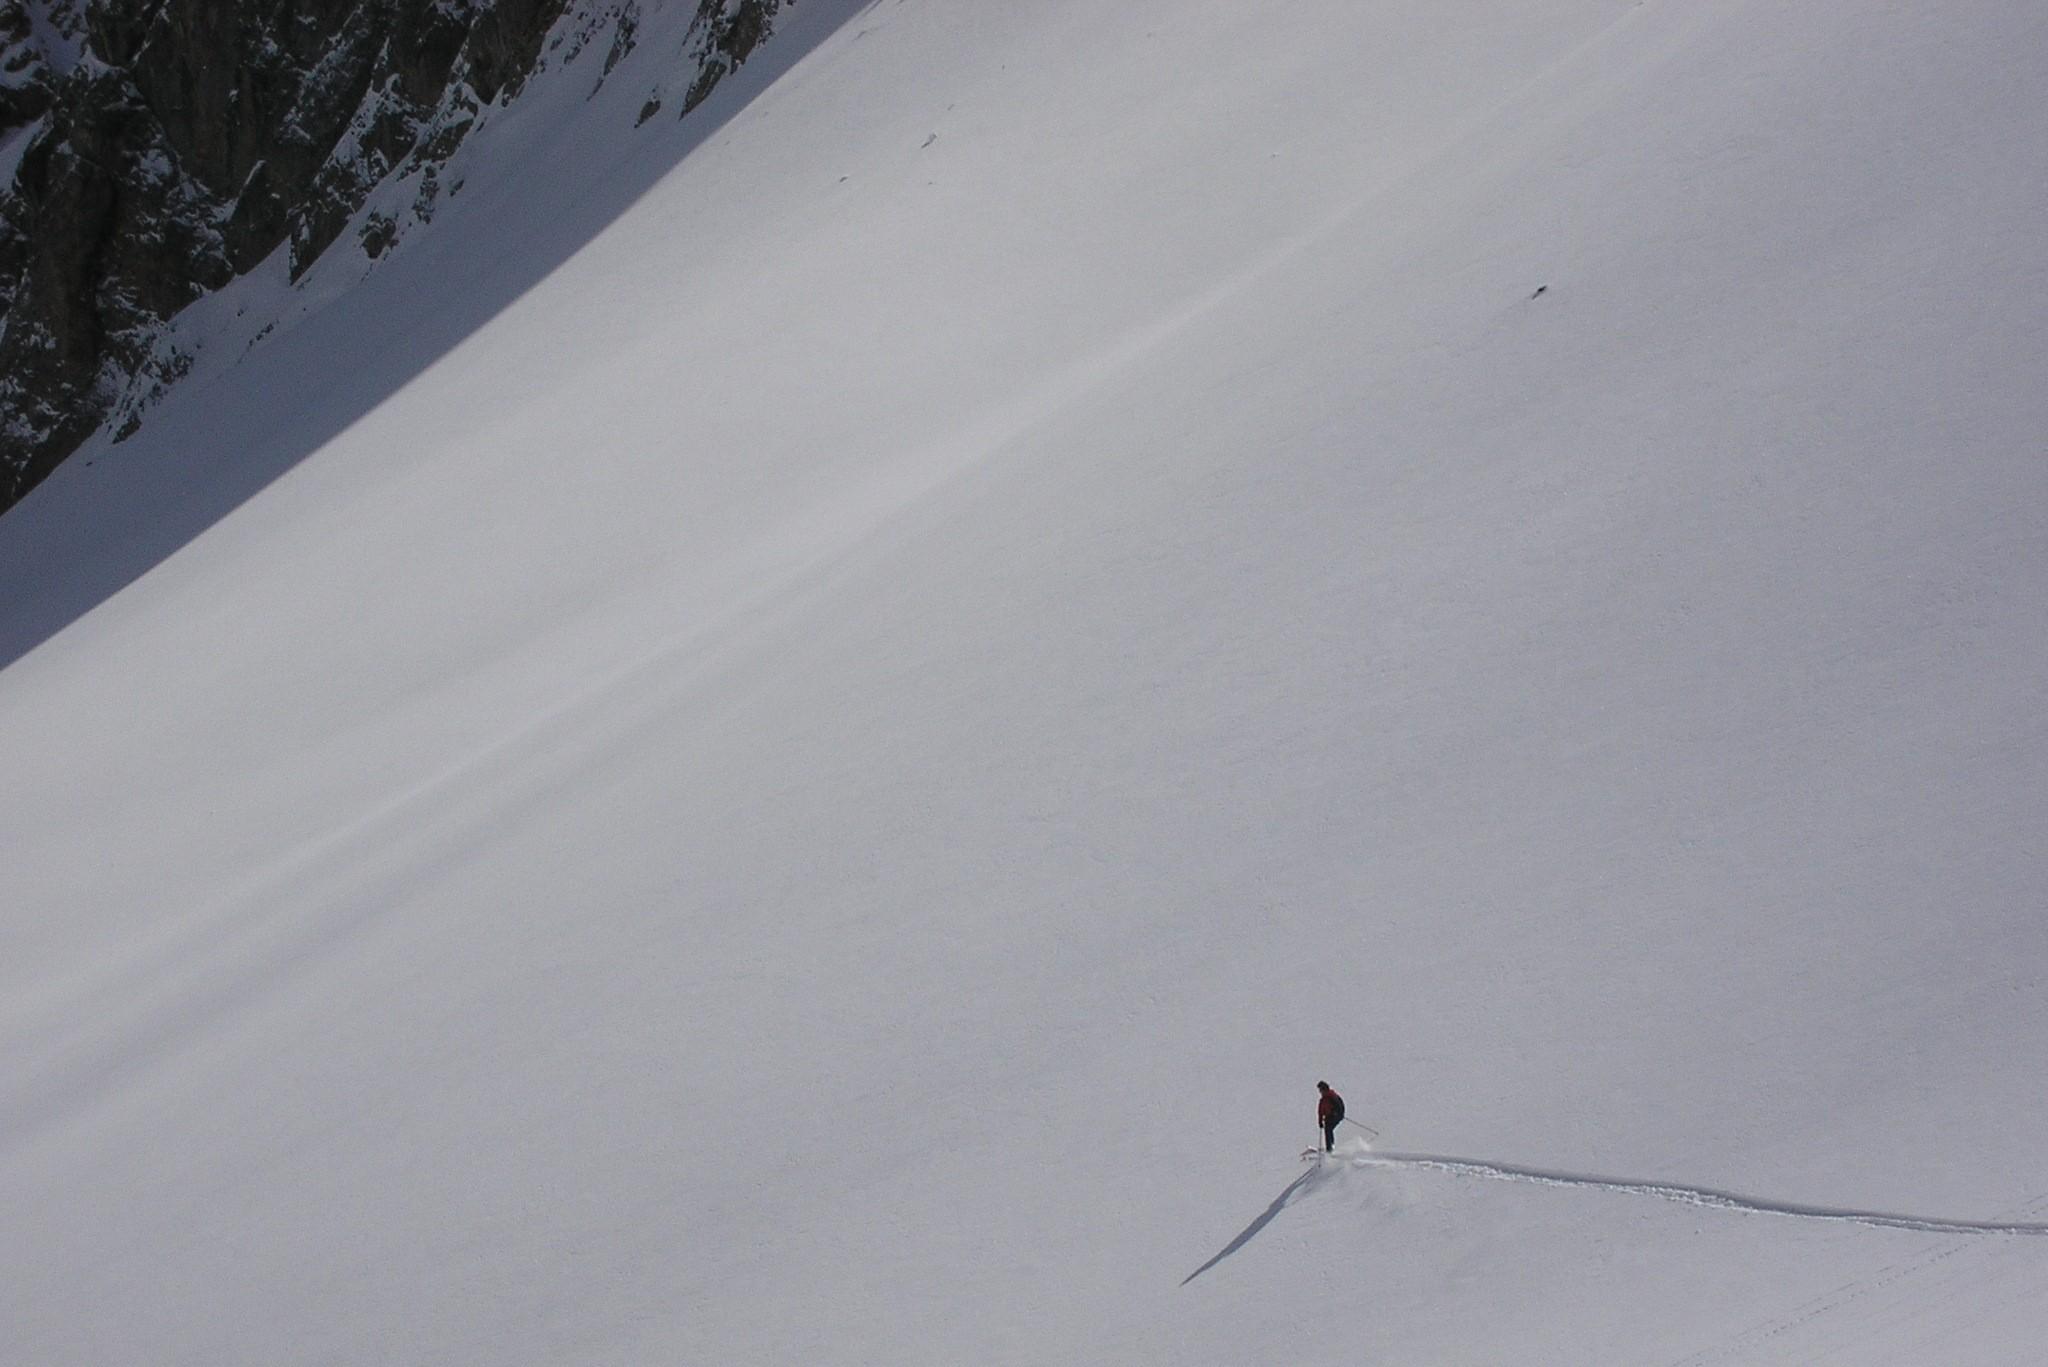 Skieur qui descend une pente vierge durant un raid à ski dans les Hautes-Alpes